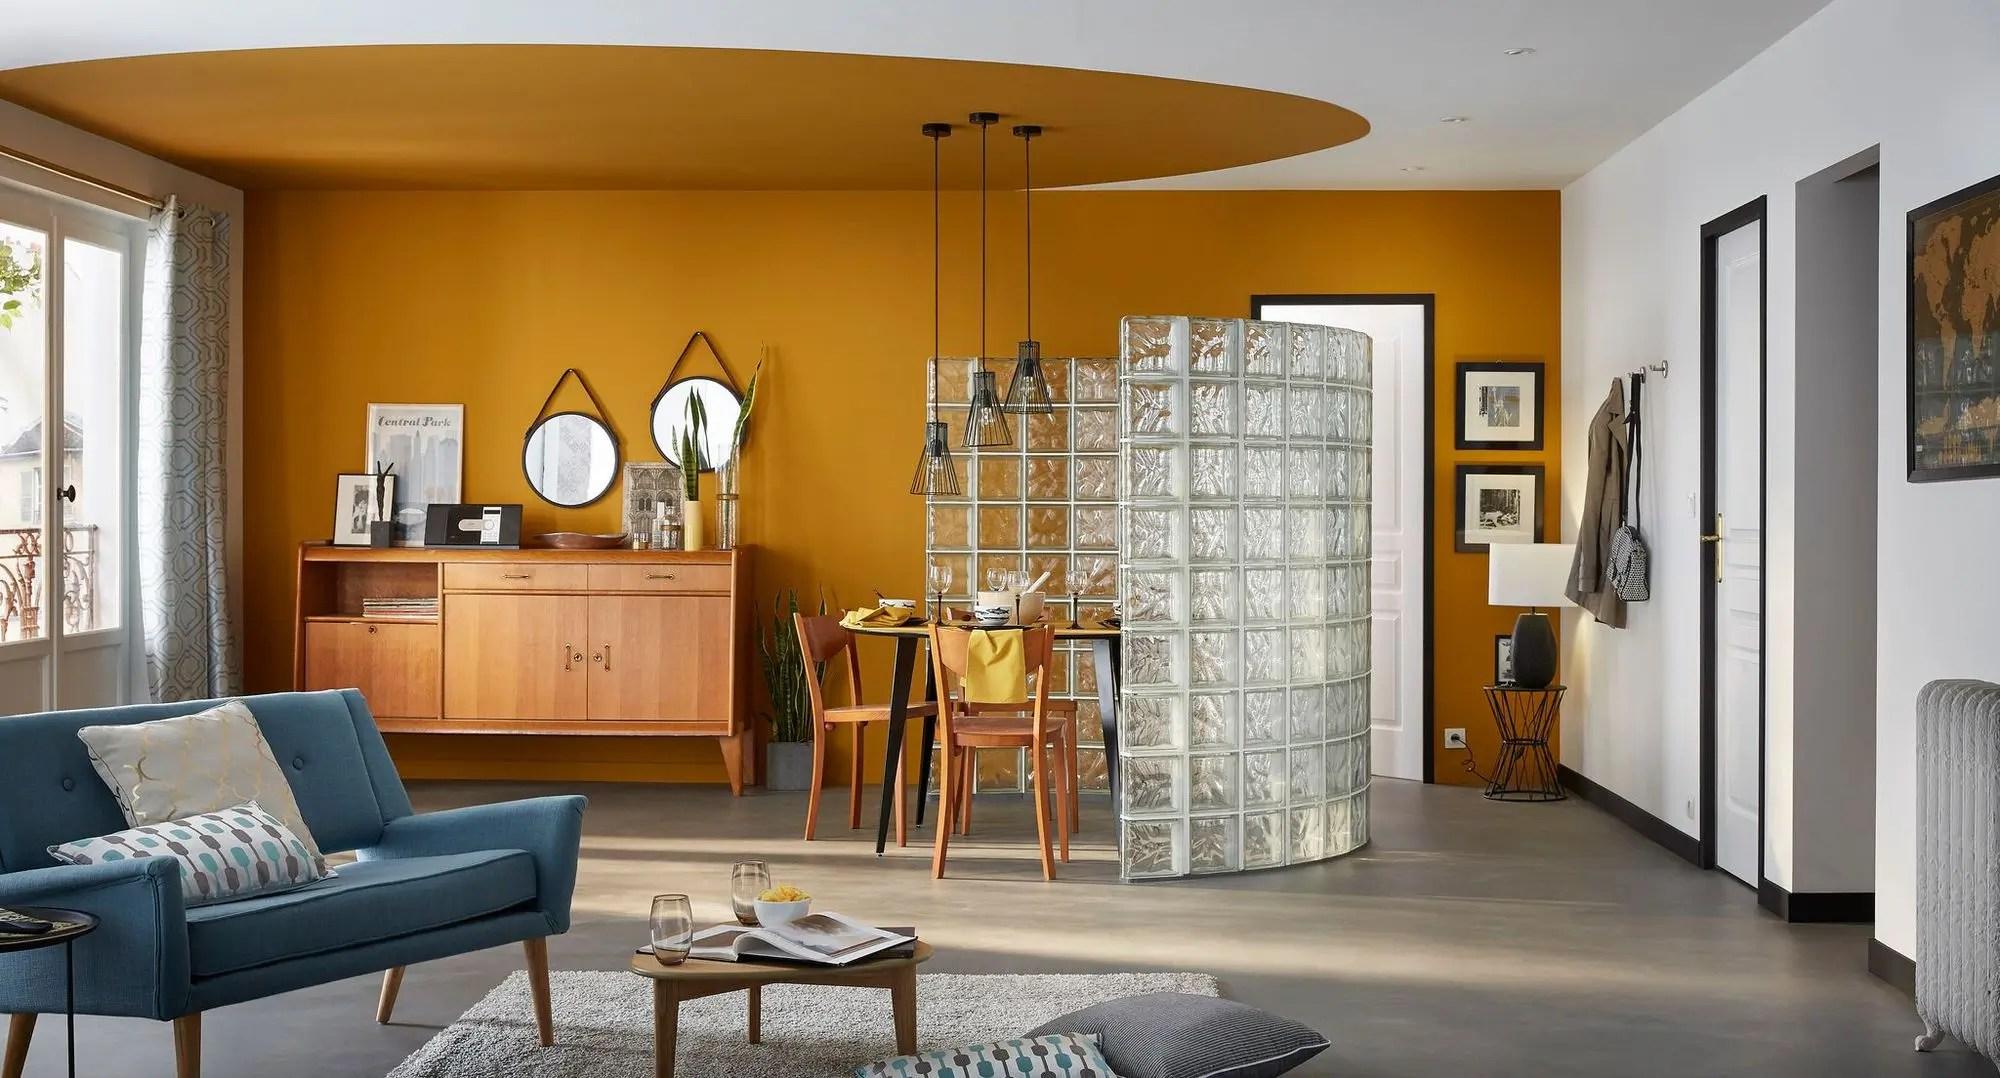 Peinture maison  20 couleurs tendance pour peindre son salon